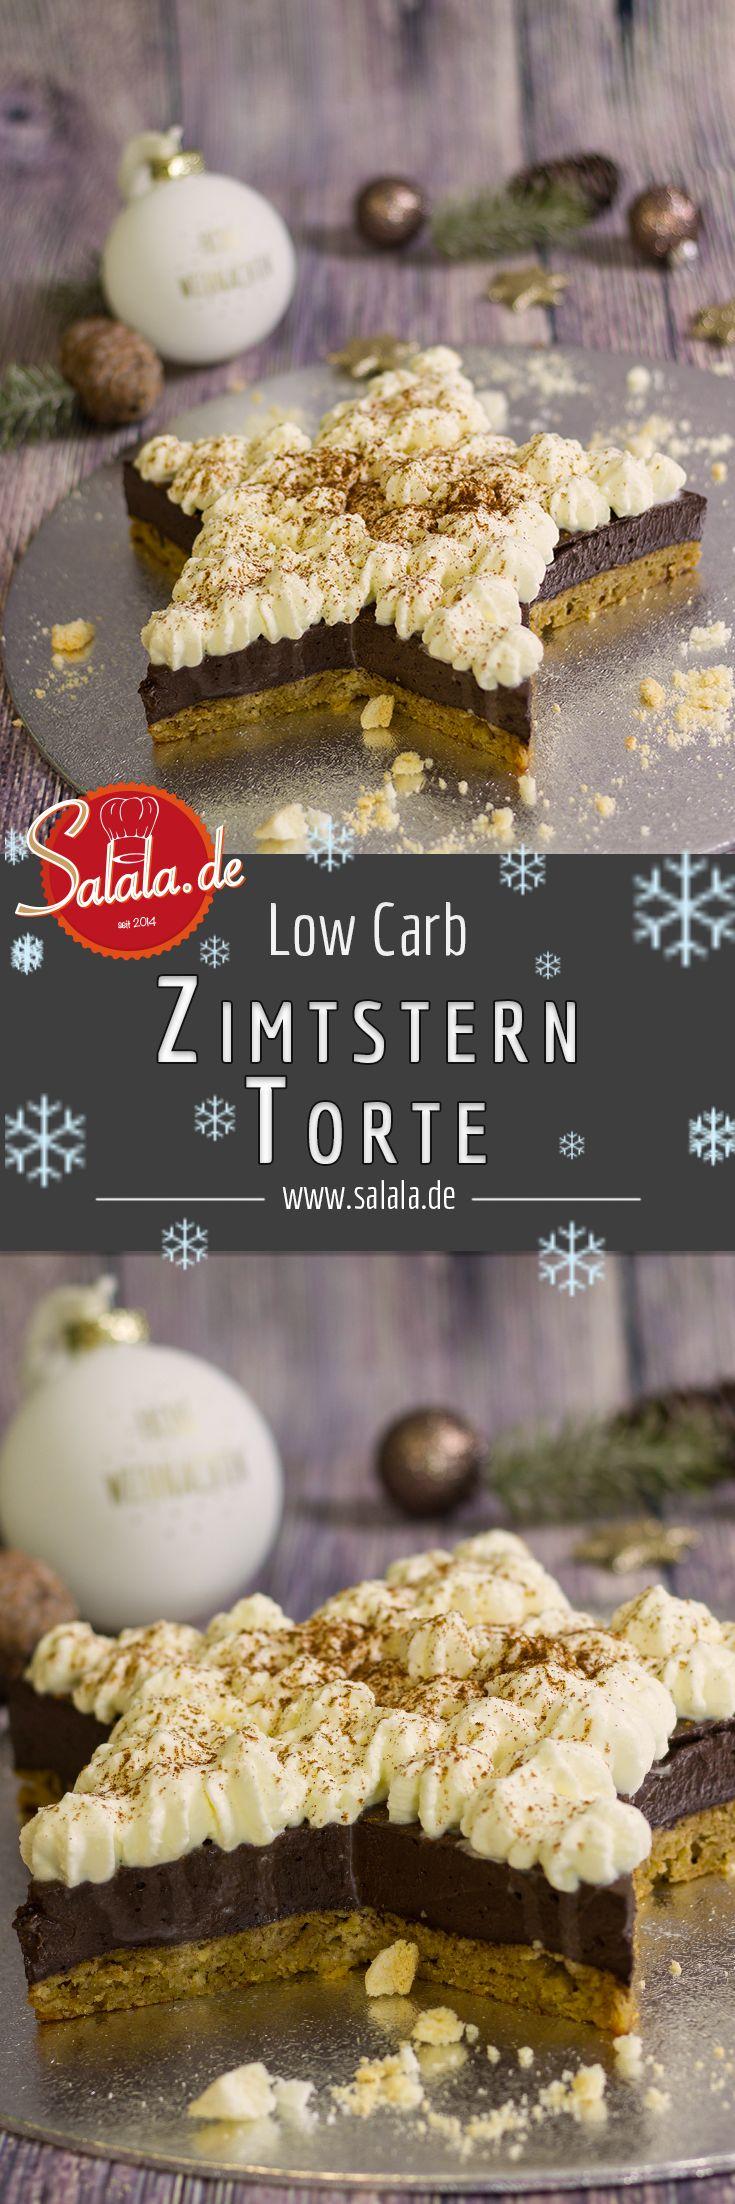 Passend zum Nikolaus haben wir eine Low Carb Zimtsterntorte gebastelt. Natürlich ist die Zimtsterntorte glutenfrei, ohne Zucker und ohne Mehl gebacken. Lass Dir diesen leckeren Zimtstern schmecken und genieße die Adventszeit.